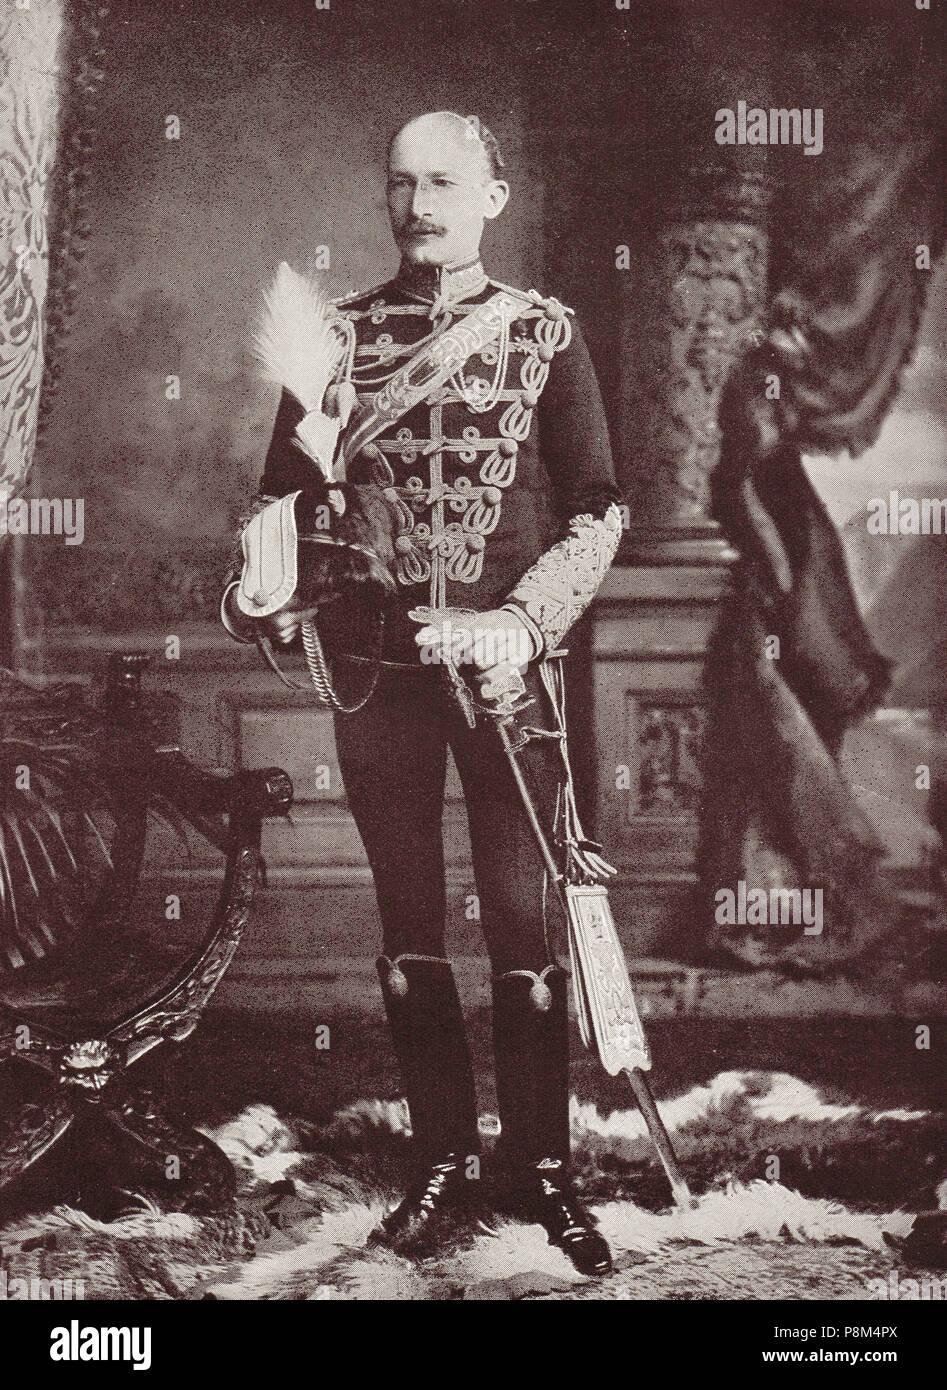 Robert Baden-Powell, 1er Barón Baden-Powell, oficial del ejército británico, escritor, autor de Escultismo para Muchachos, la inspiración para el Movimiento Scout, fundador y primer jefe scout de la Asociación de Boy Scouts, y fundador de las guías. También fue el comandante de la guarnición durante el sitio de Mafeking en la segunda guerra de los Bóers Imagen De Stock